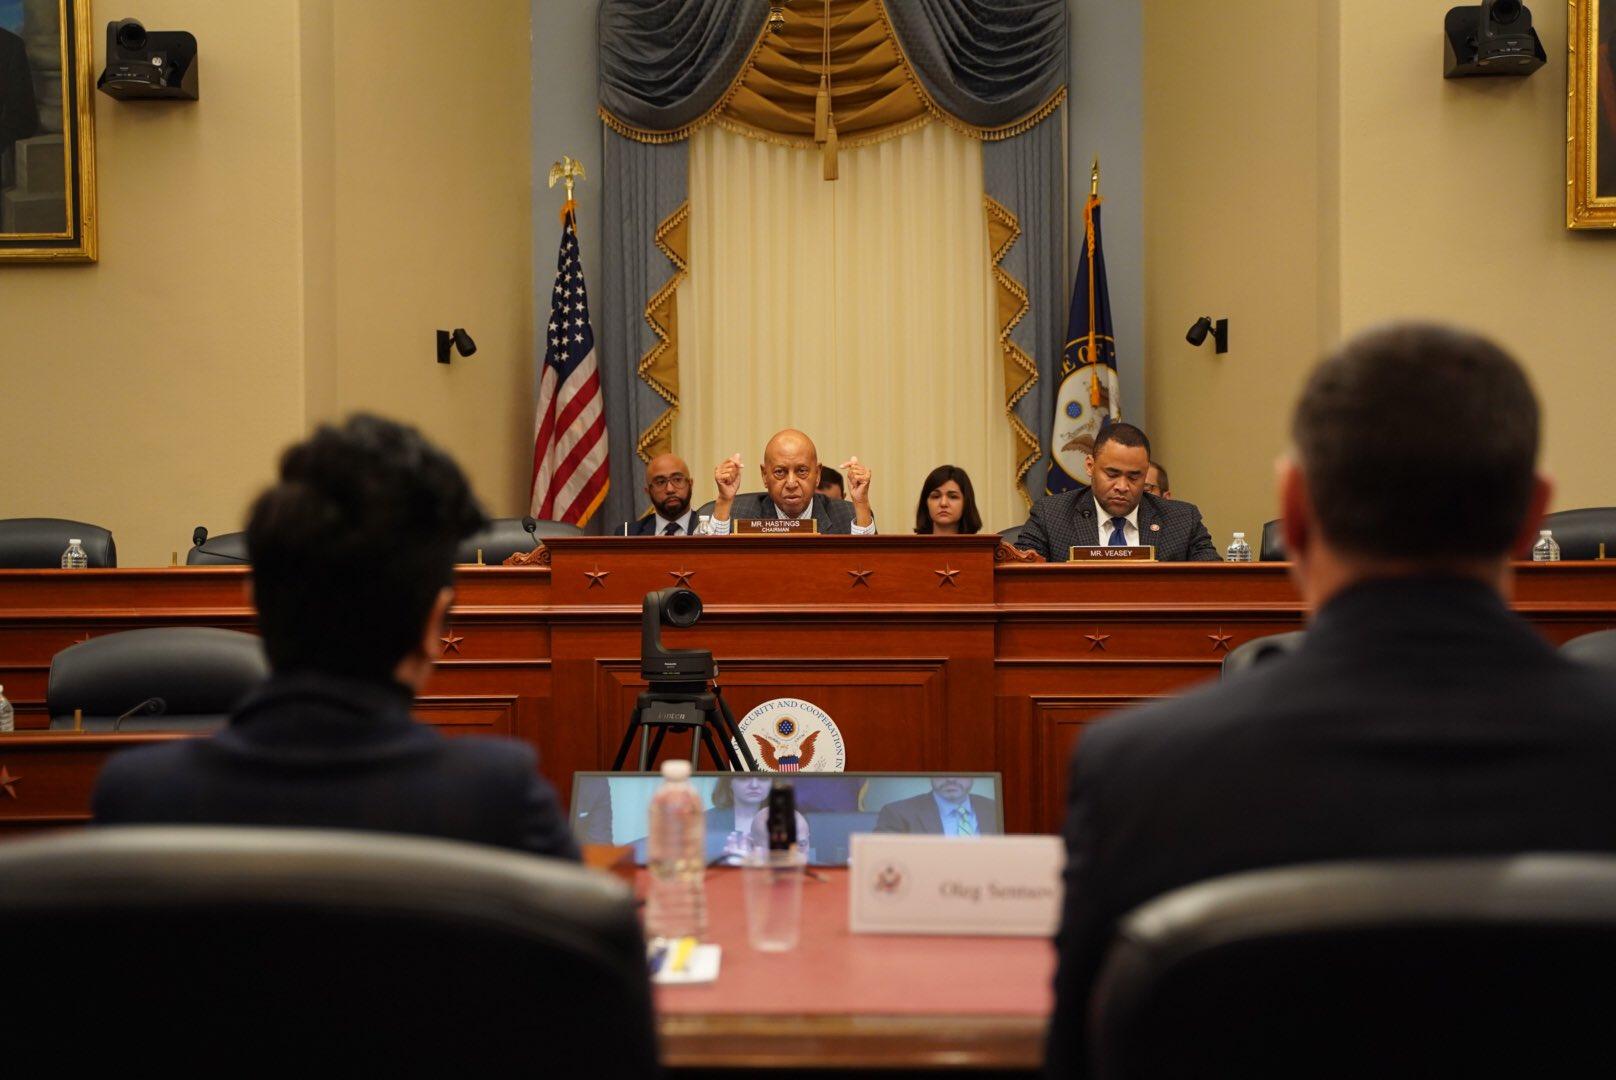 Сегодня в Конгрессе США проходит заседание Хельсинской комиссии, на котором заслушали, в частности, доклад Олега Сенцова / twitter.com/chastime